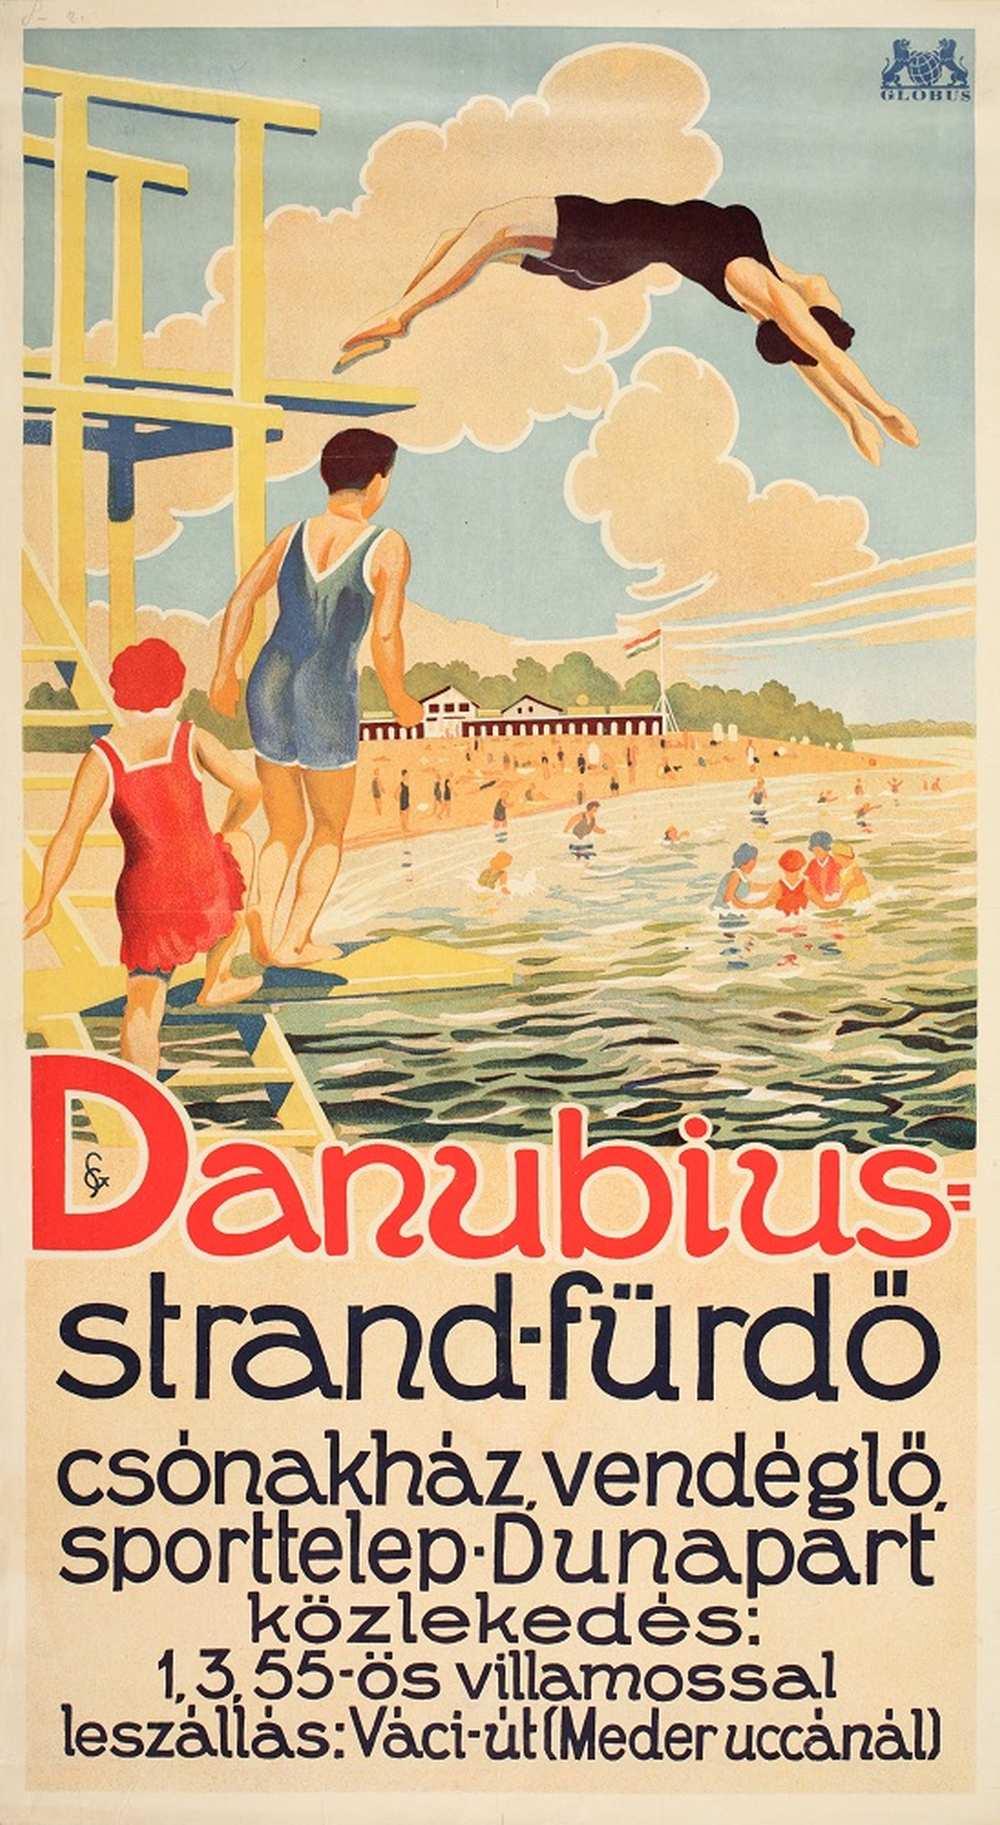 Danubius strand-fürdő (1930) – Térkép-, Plakát- és Kisnyomtatványtár. Jelzet: PKG.1930/73 http://nektar.oszk.hu/hu/manifestation/2774324